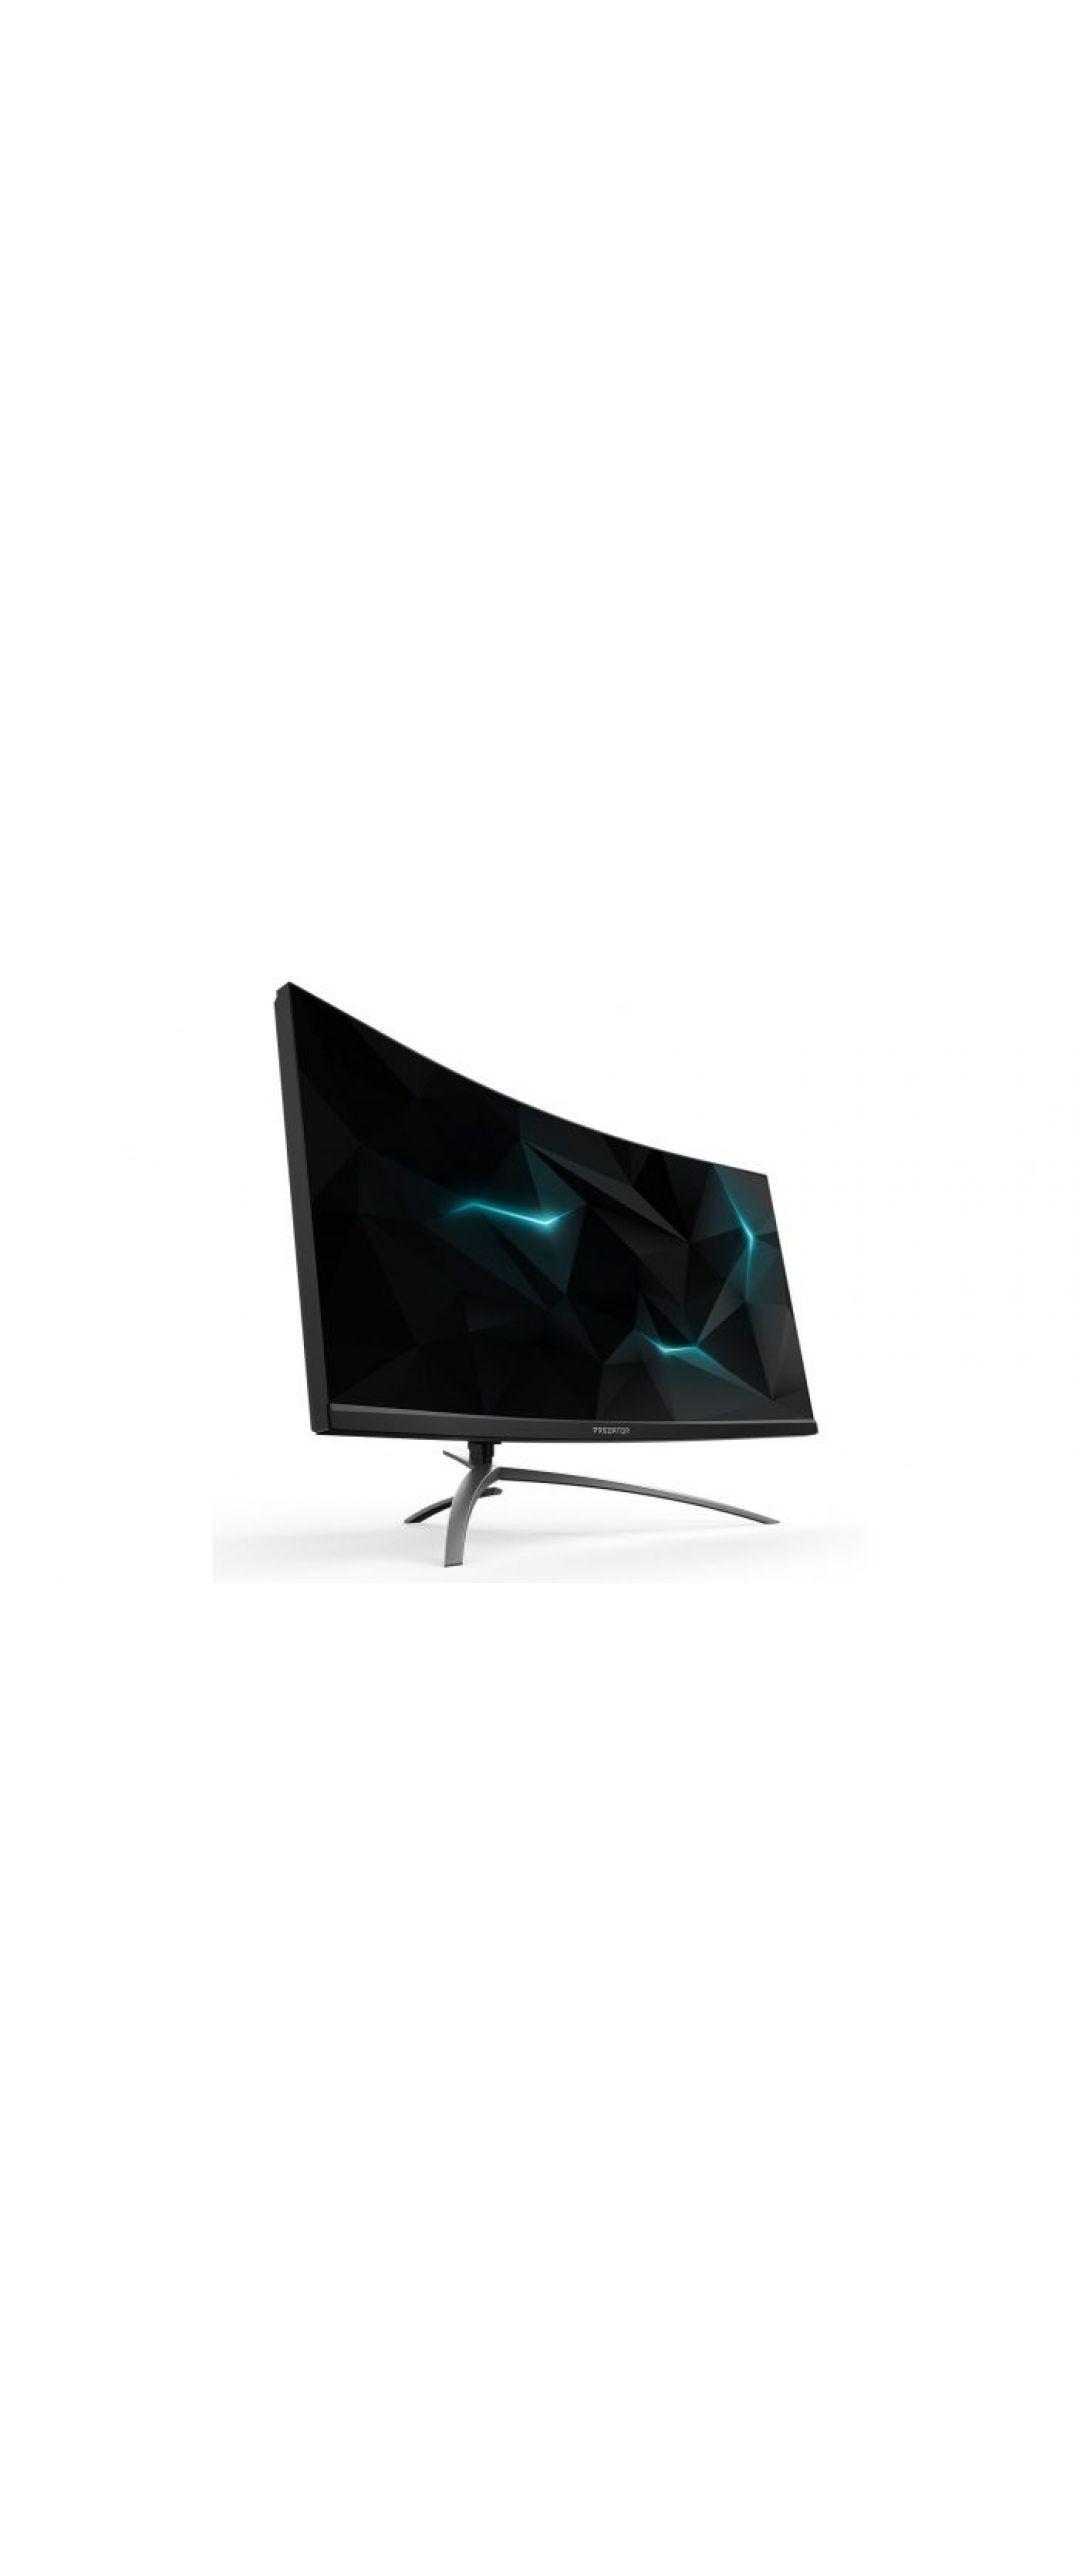 Acer anuncia un nuevo monitor HDR de 35 pulgadas #IFA17